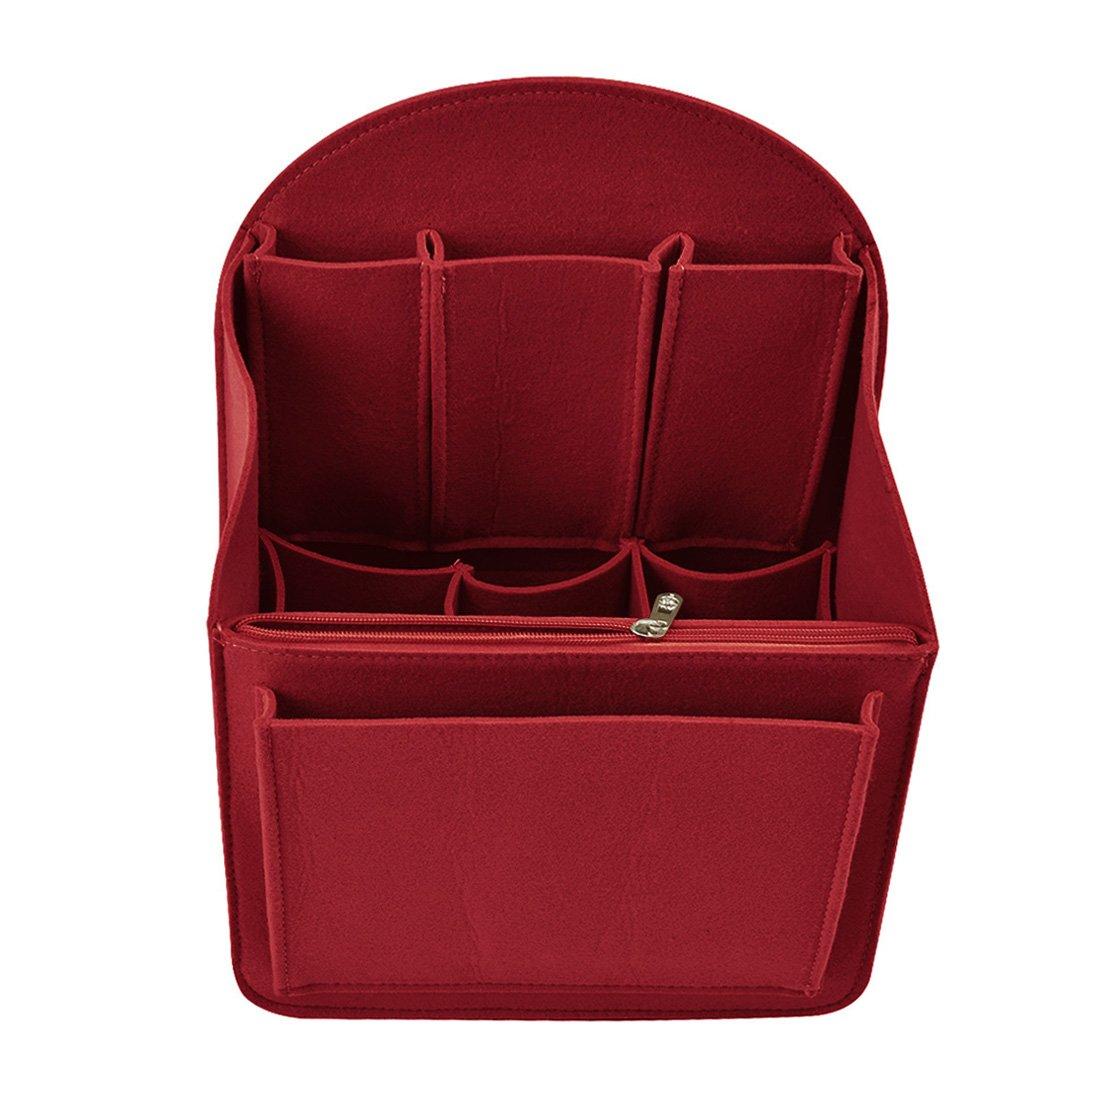 YUENA CARE Insert Bag Felt Backpack Organiser Multi Pocket Fit for Shoulder Bag Travel Handbag Tote Red M